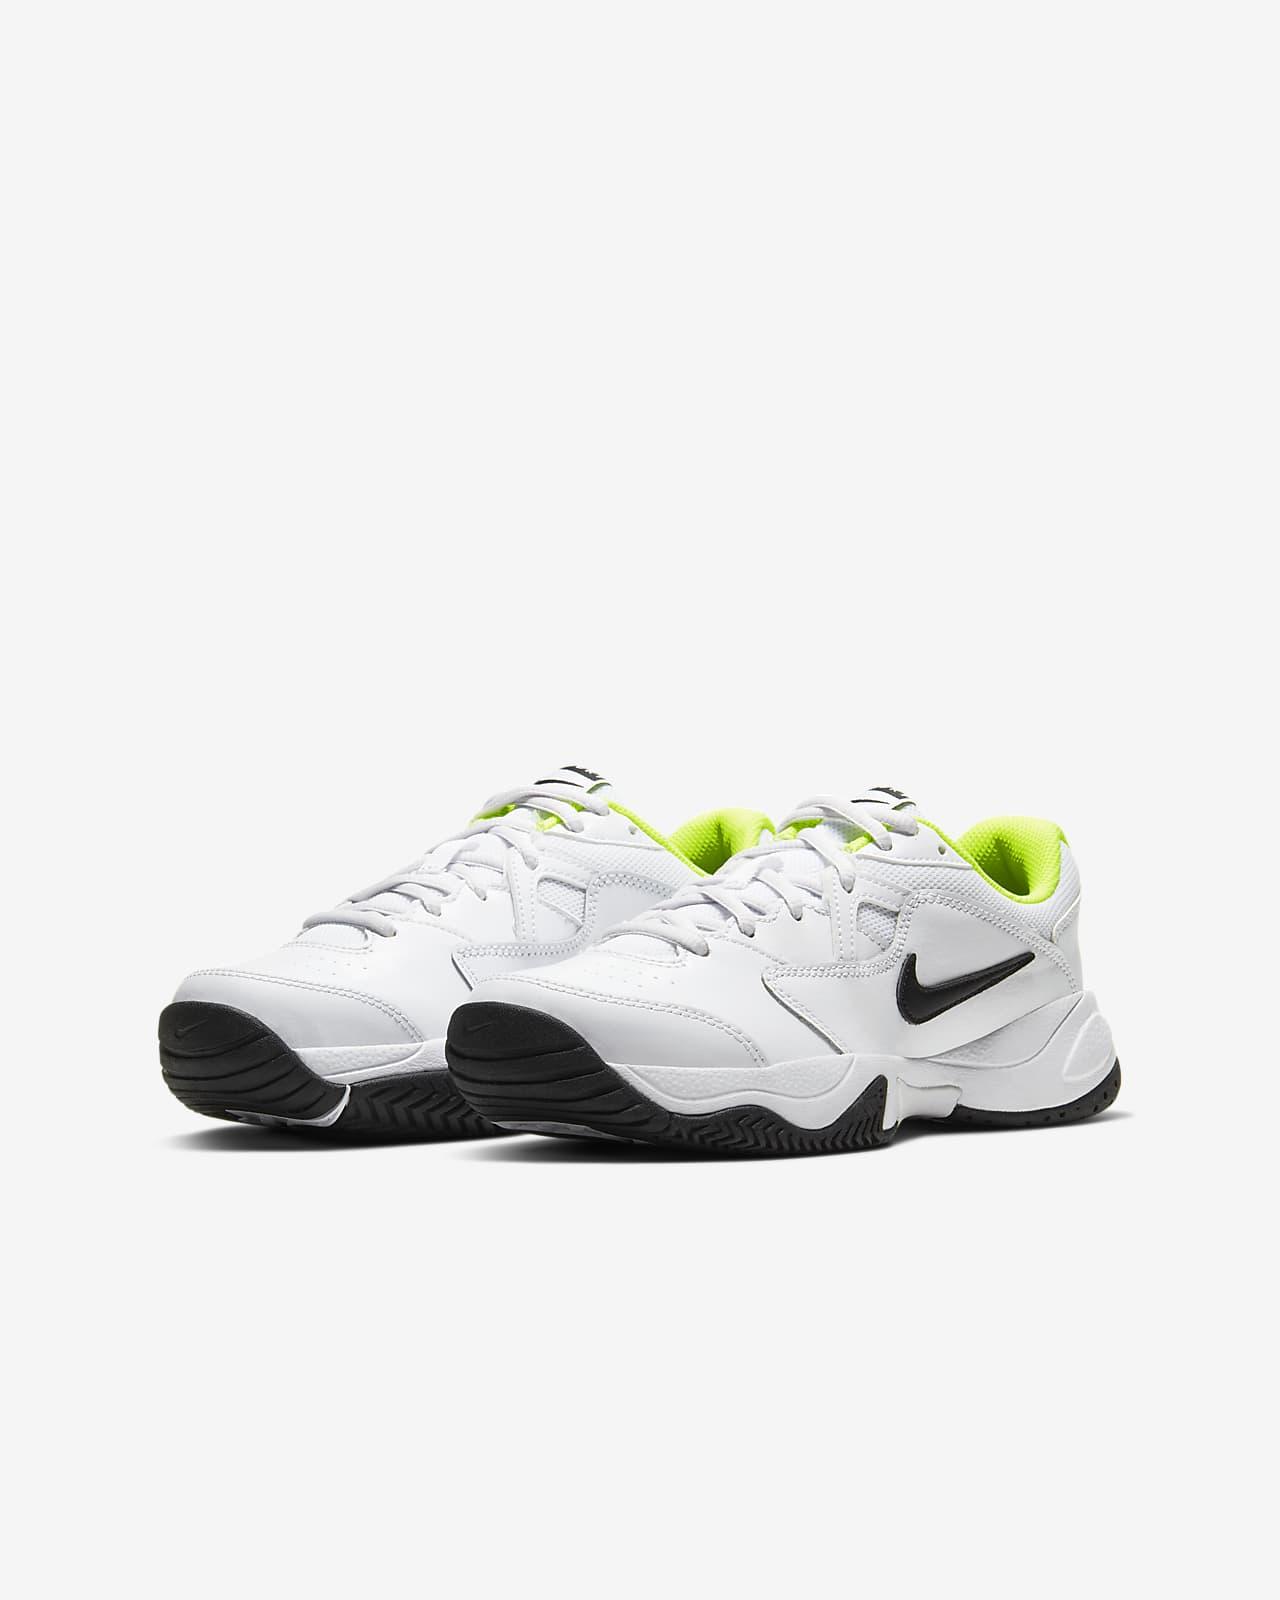 chaussure nike enfant tennis